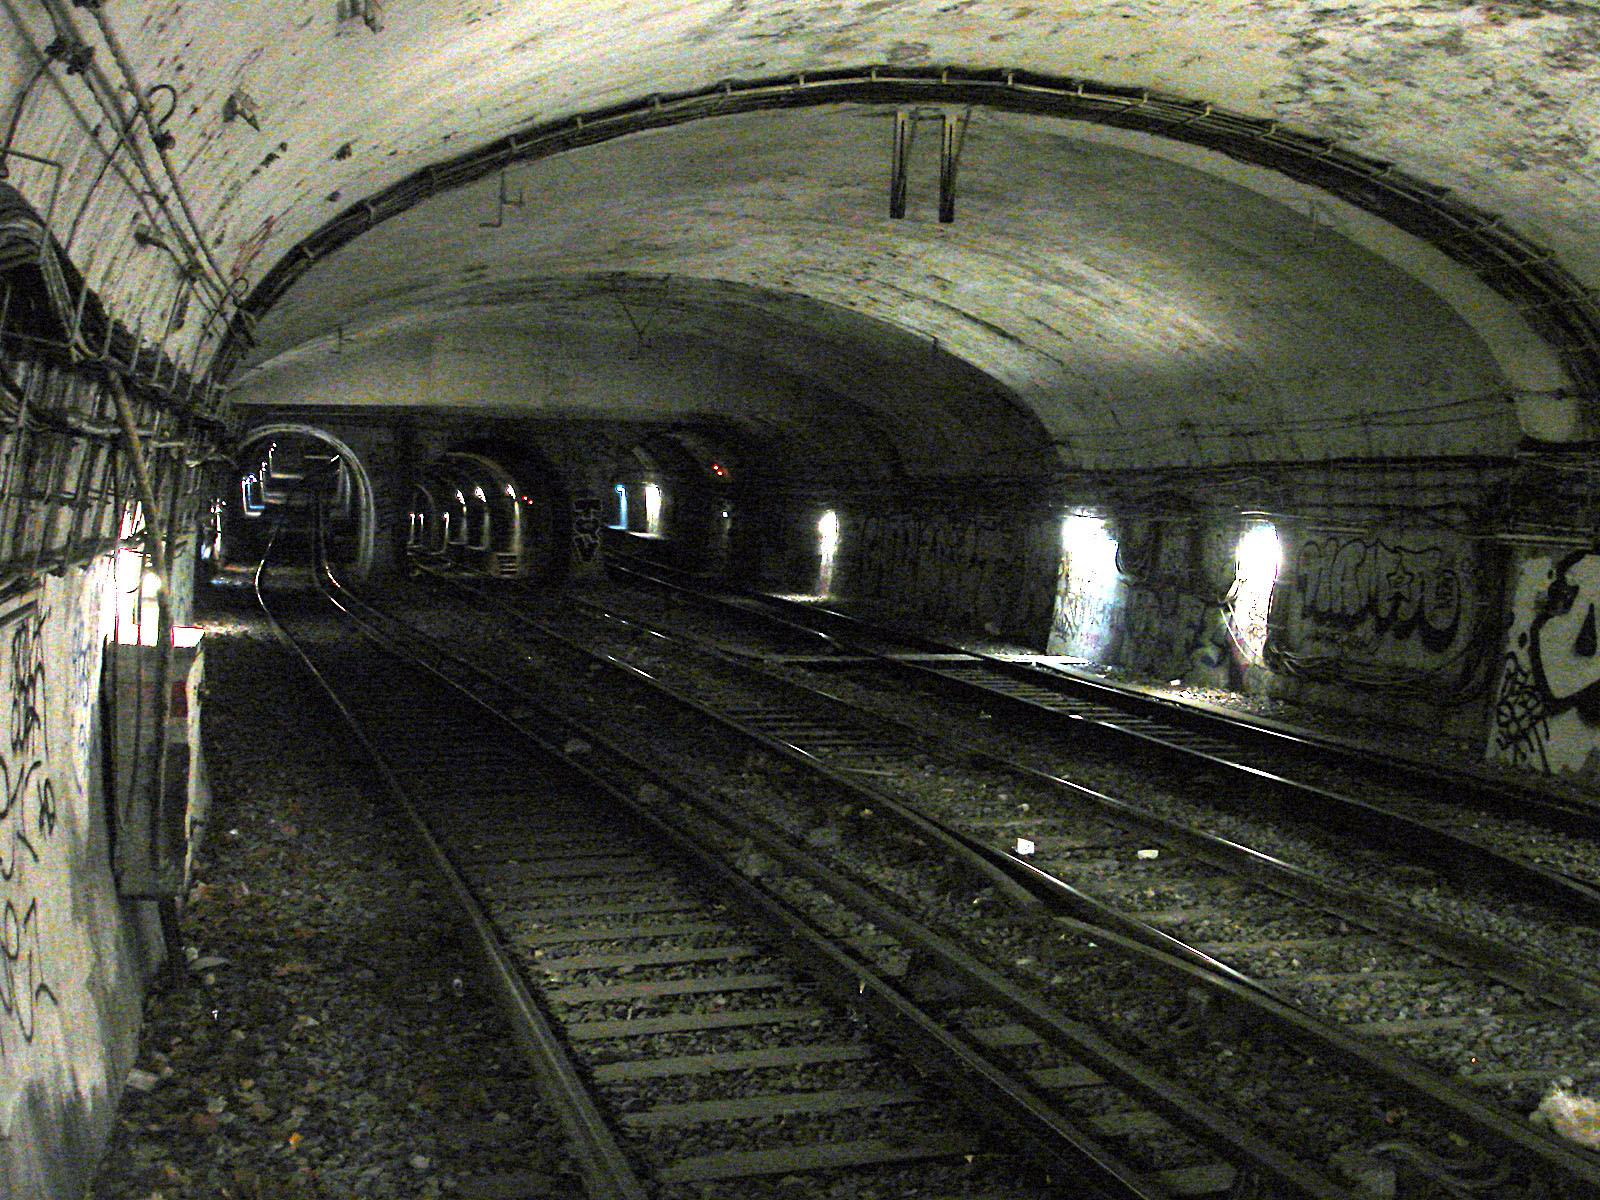 http://upload.wikimedia.org/wikipedia/commons/d/dd/Metro_de_Paris_-_Ligne_10_-_Cluny_-_La_Sorbonne_06.jpg